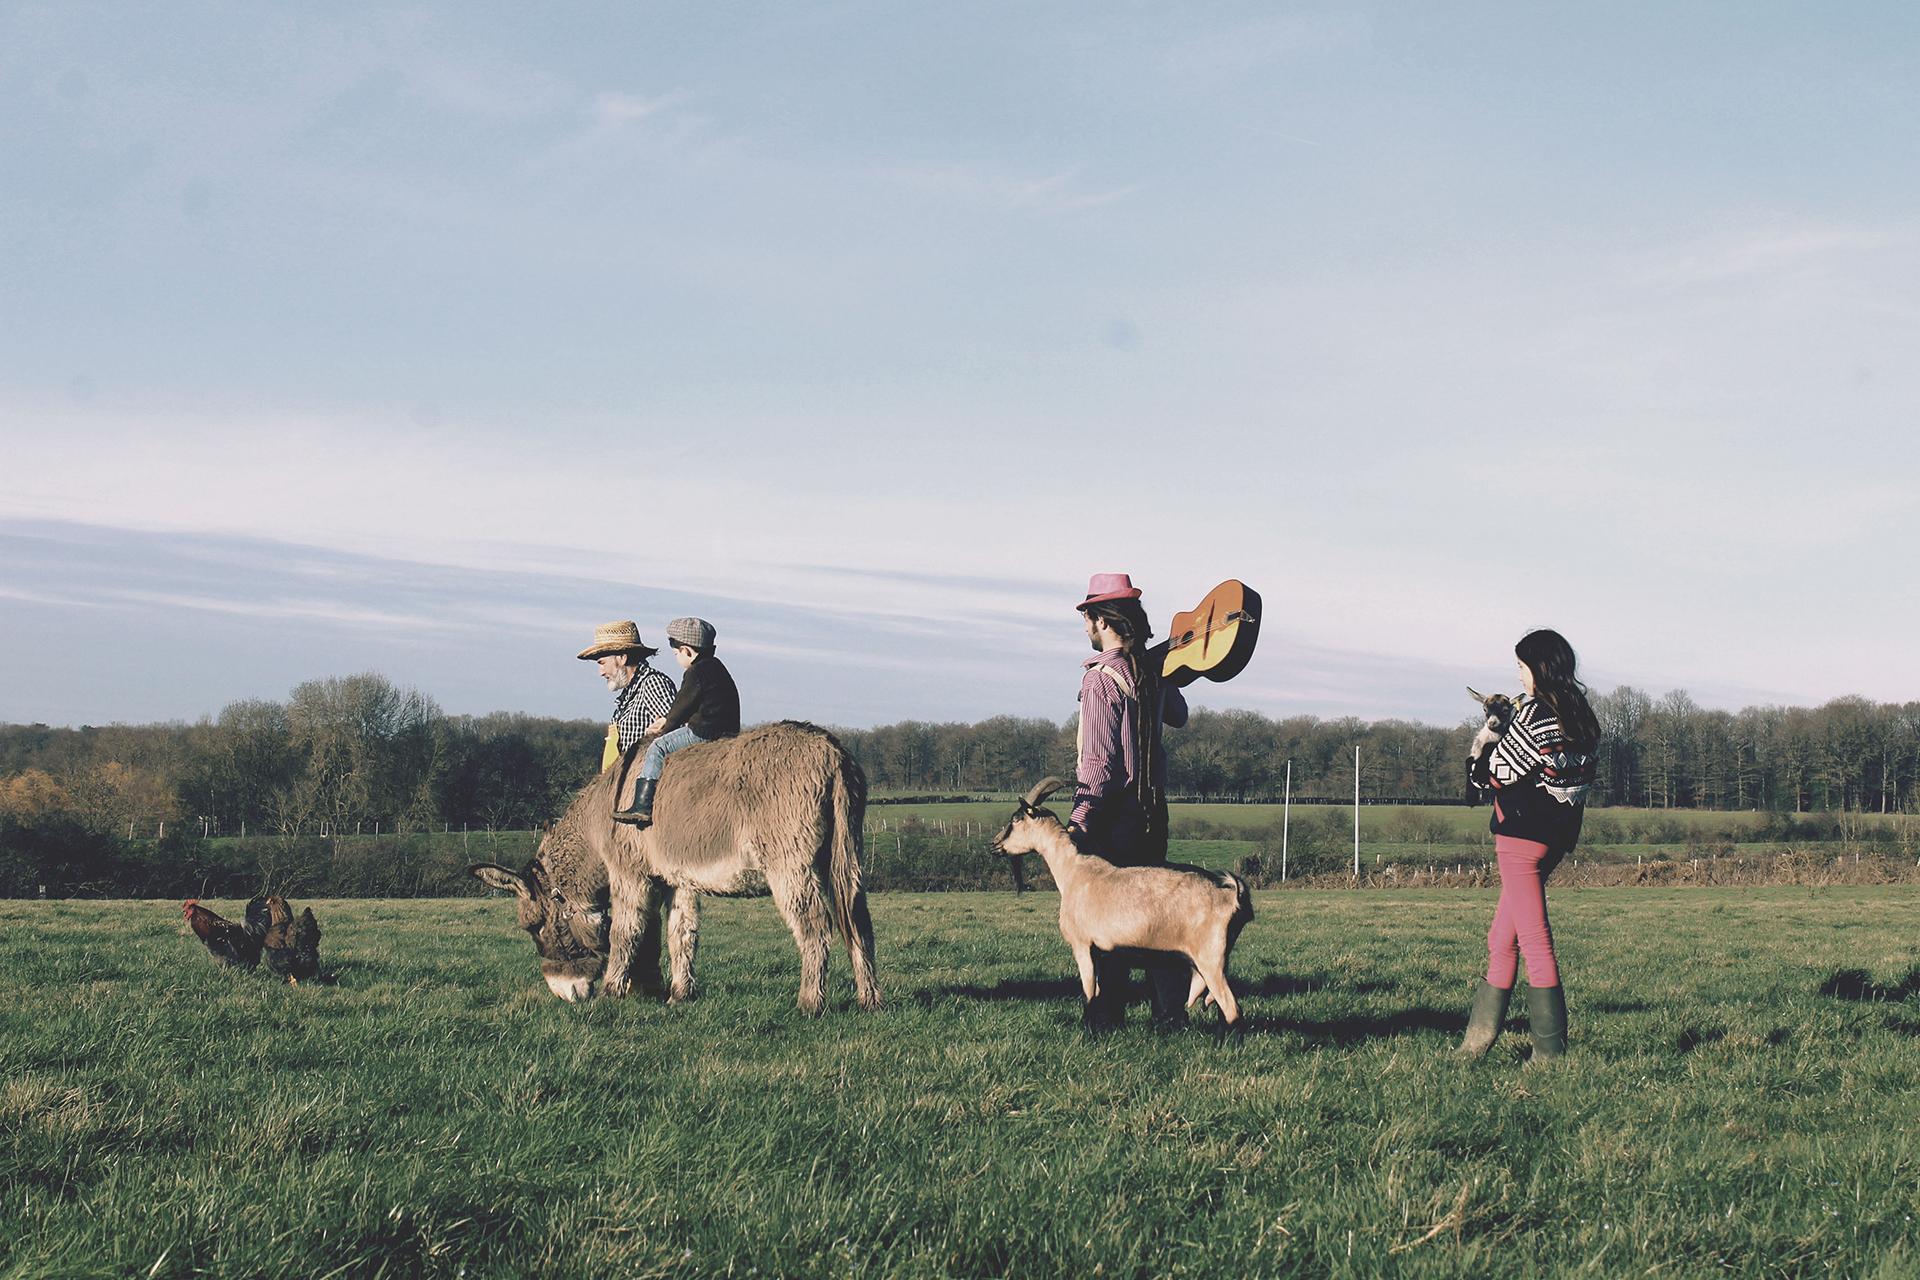 Tiligolo le fermier, Fanfare le musicien et deux enfants dans un champ avec une chèvre et un âne